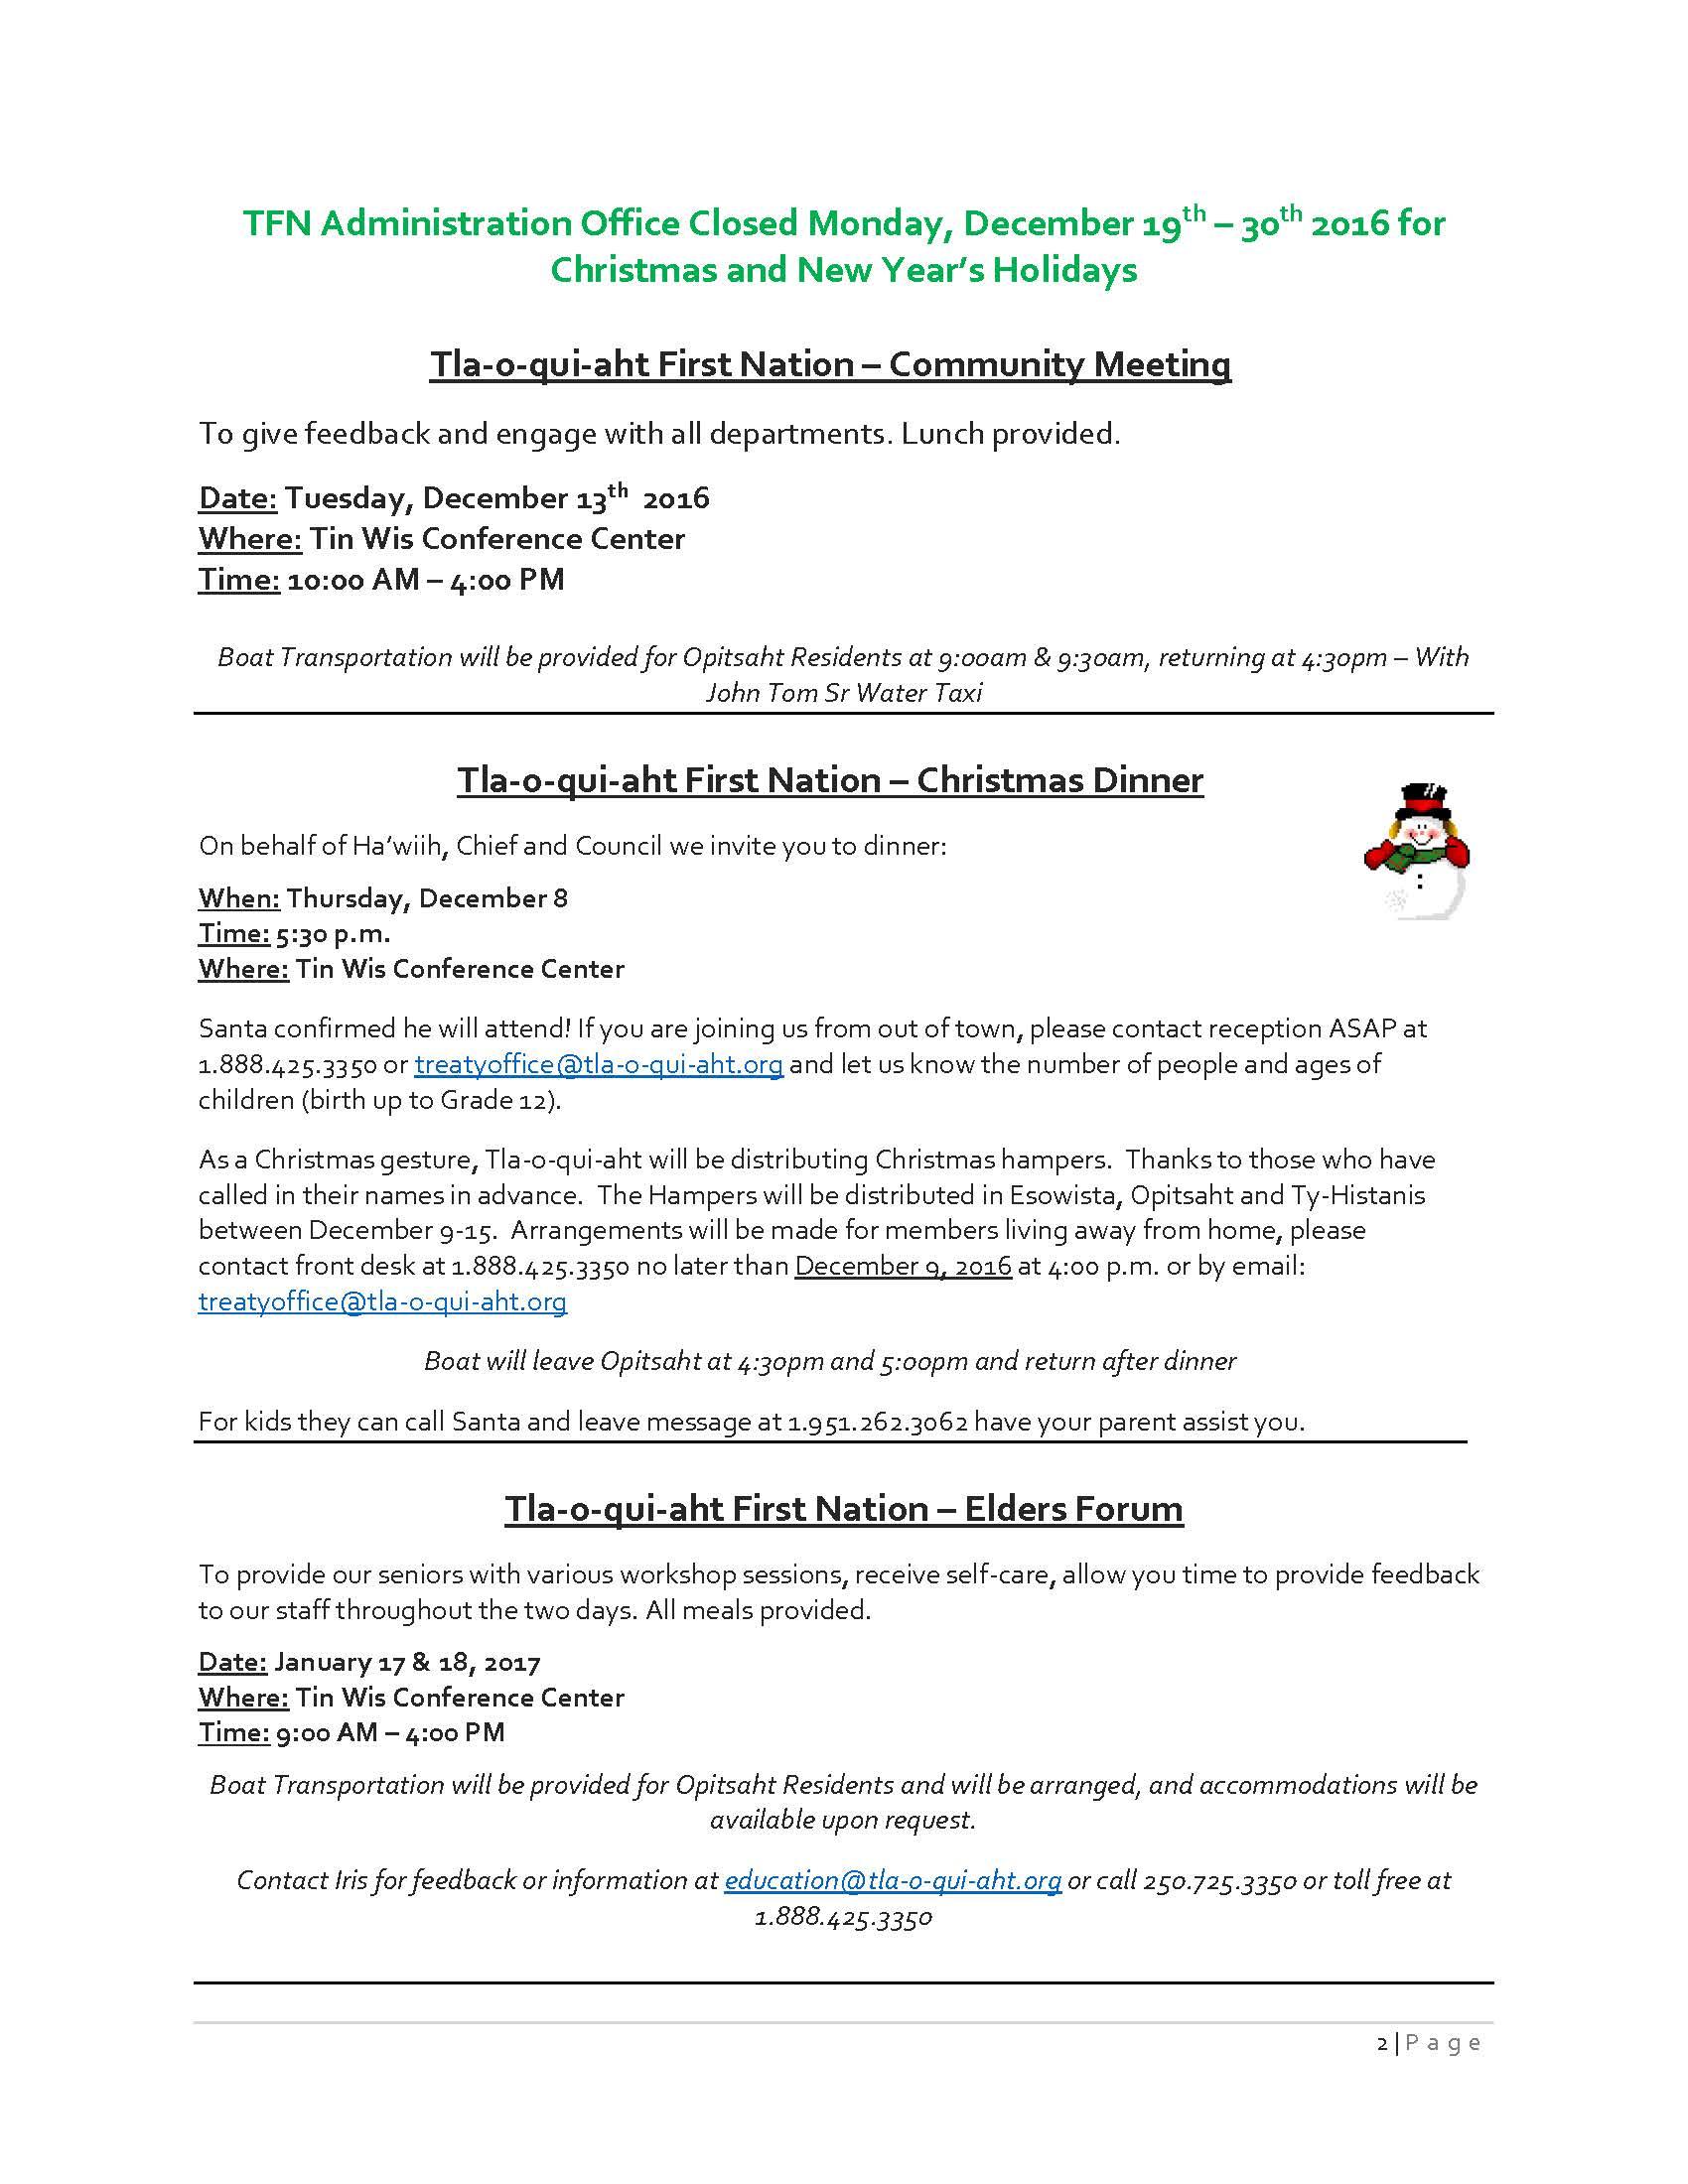 TFN Bulletin Dec 01 2016 (3)_Page_02.jpg